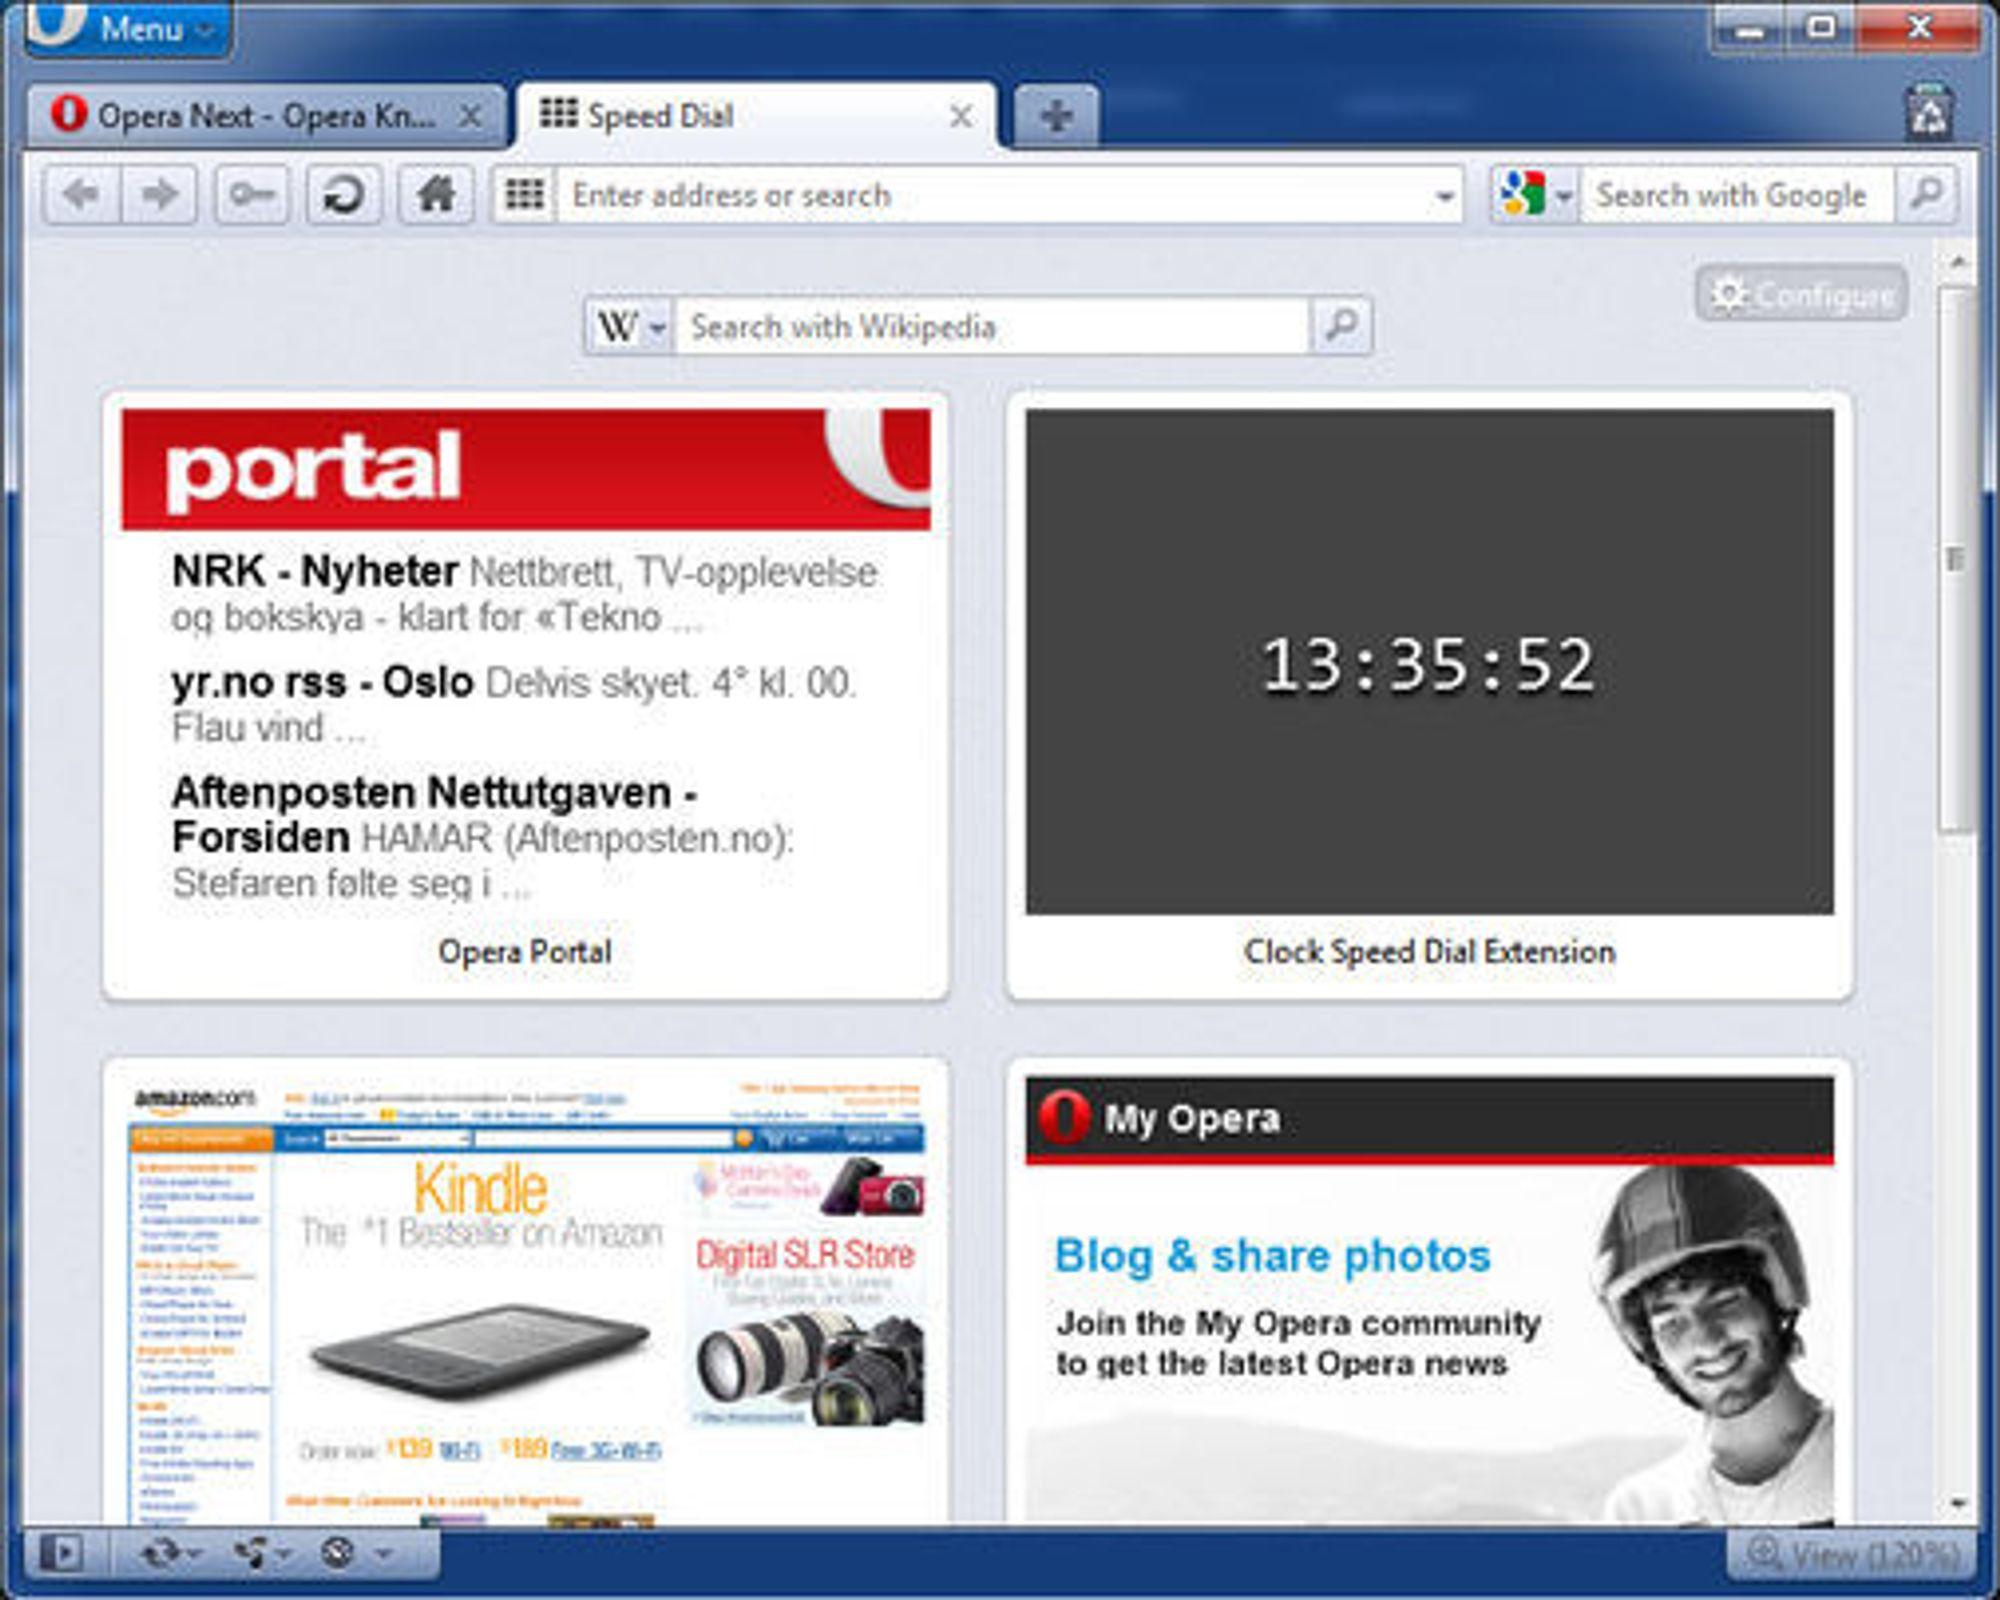 Klokken som vises er en utvidelse til Speed Dial. Slike utvidelser er en nyhet i Opera 11.50.